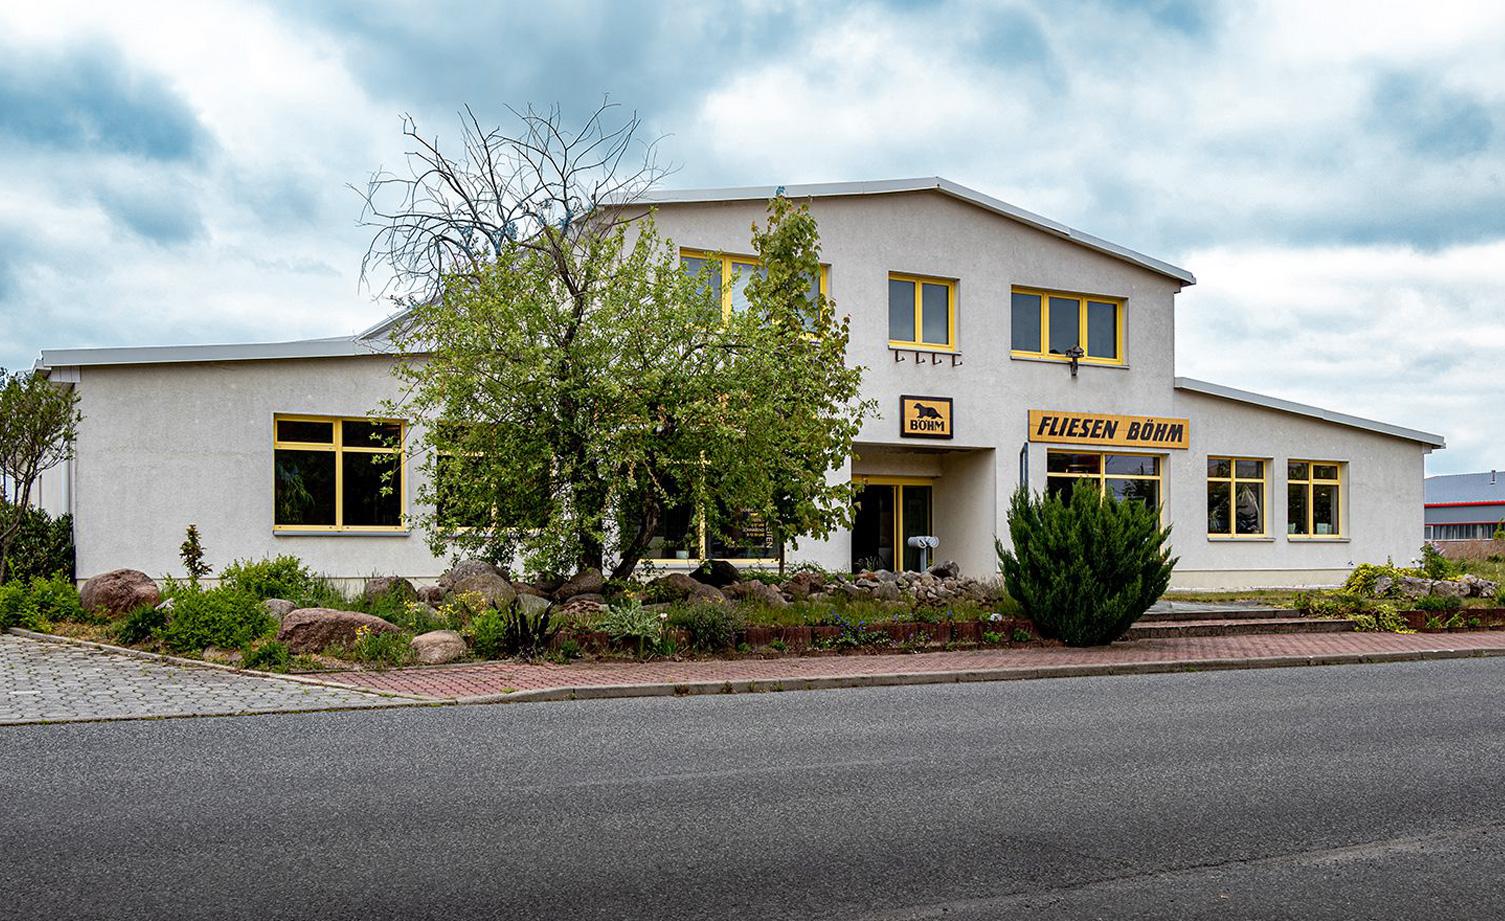 fliesen-boehm-brandenburg